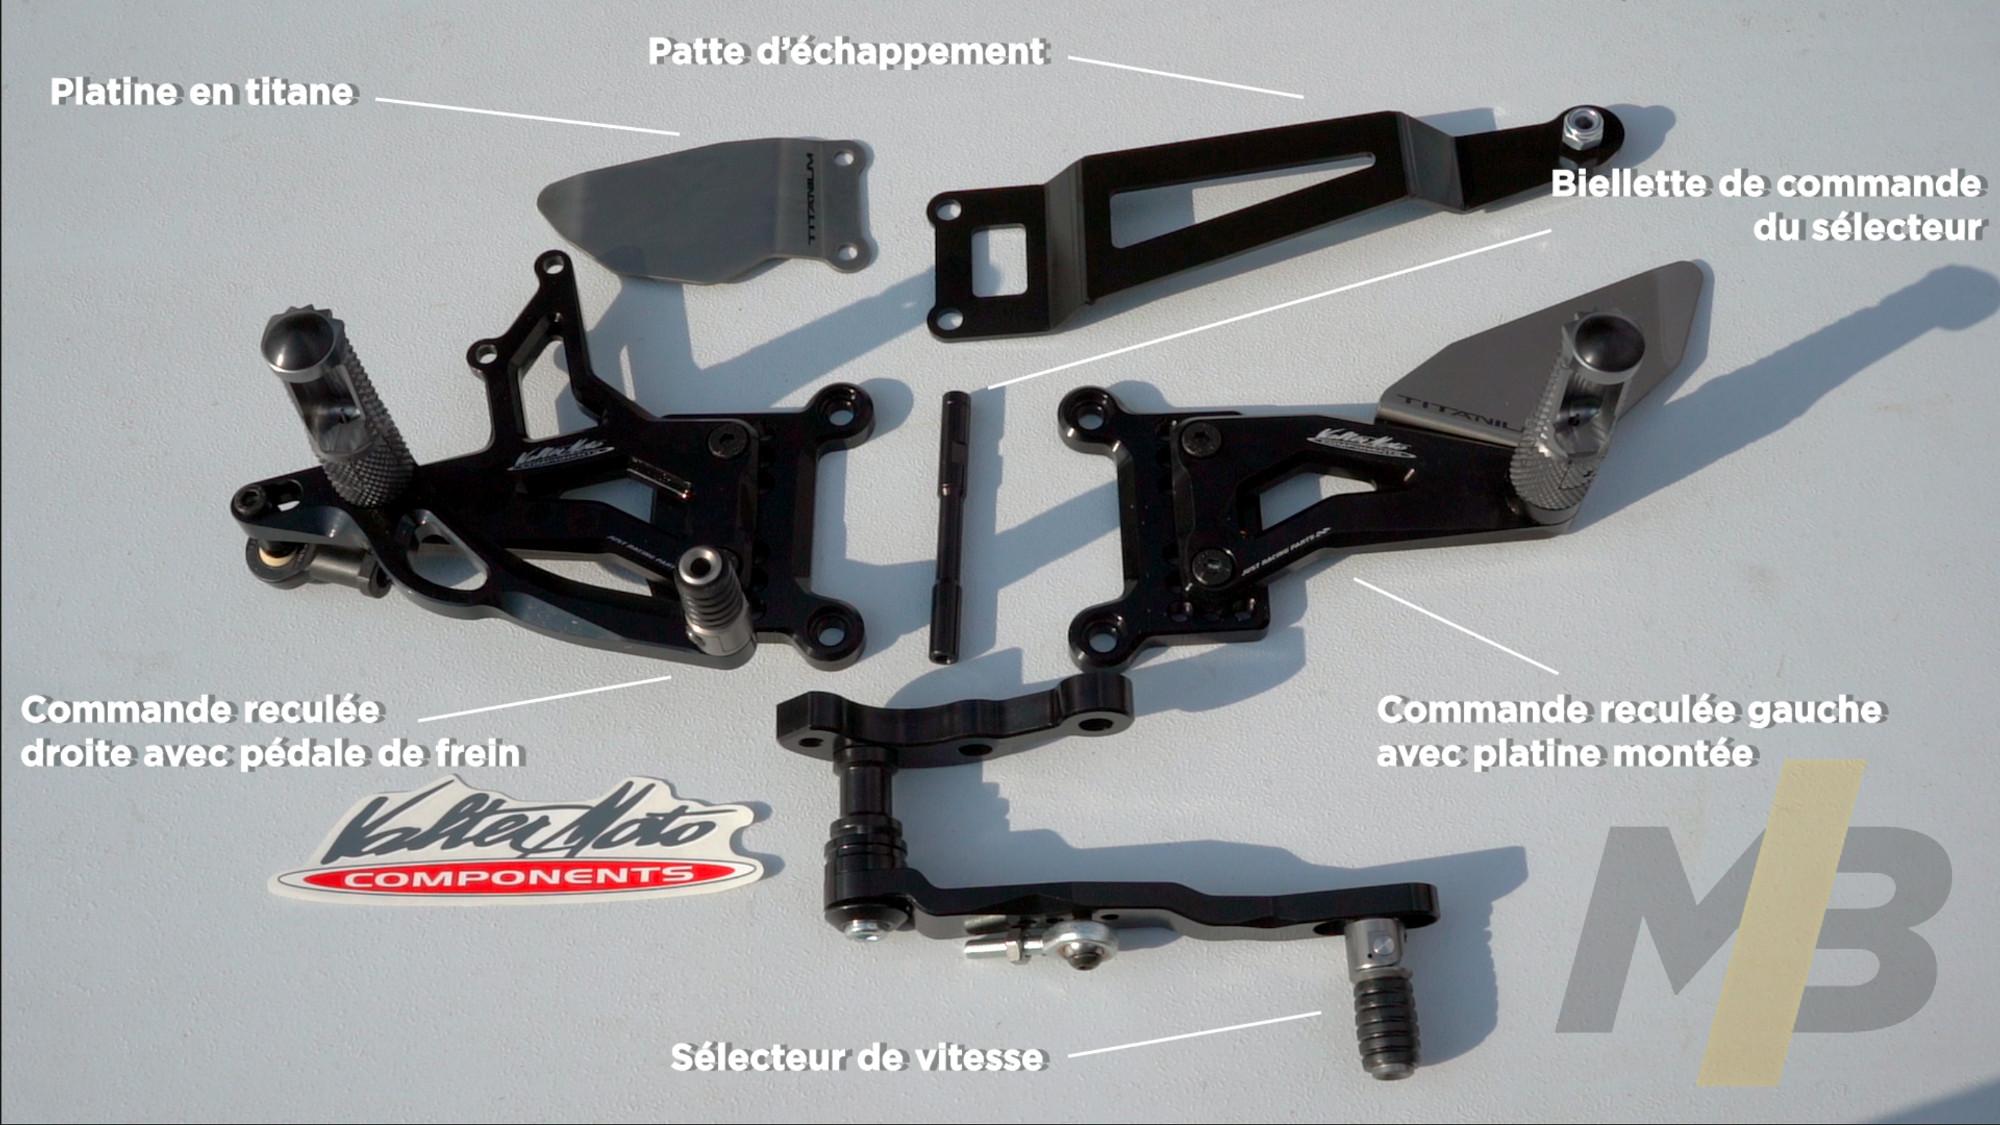 Commandes reculées Valter Moto : Le contenu du kit